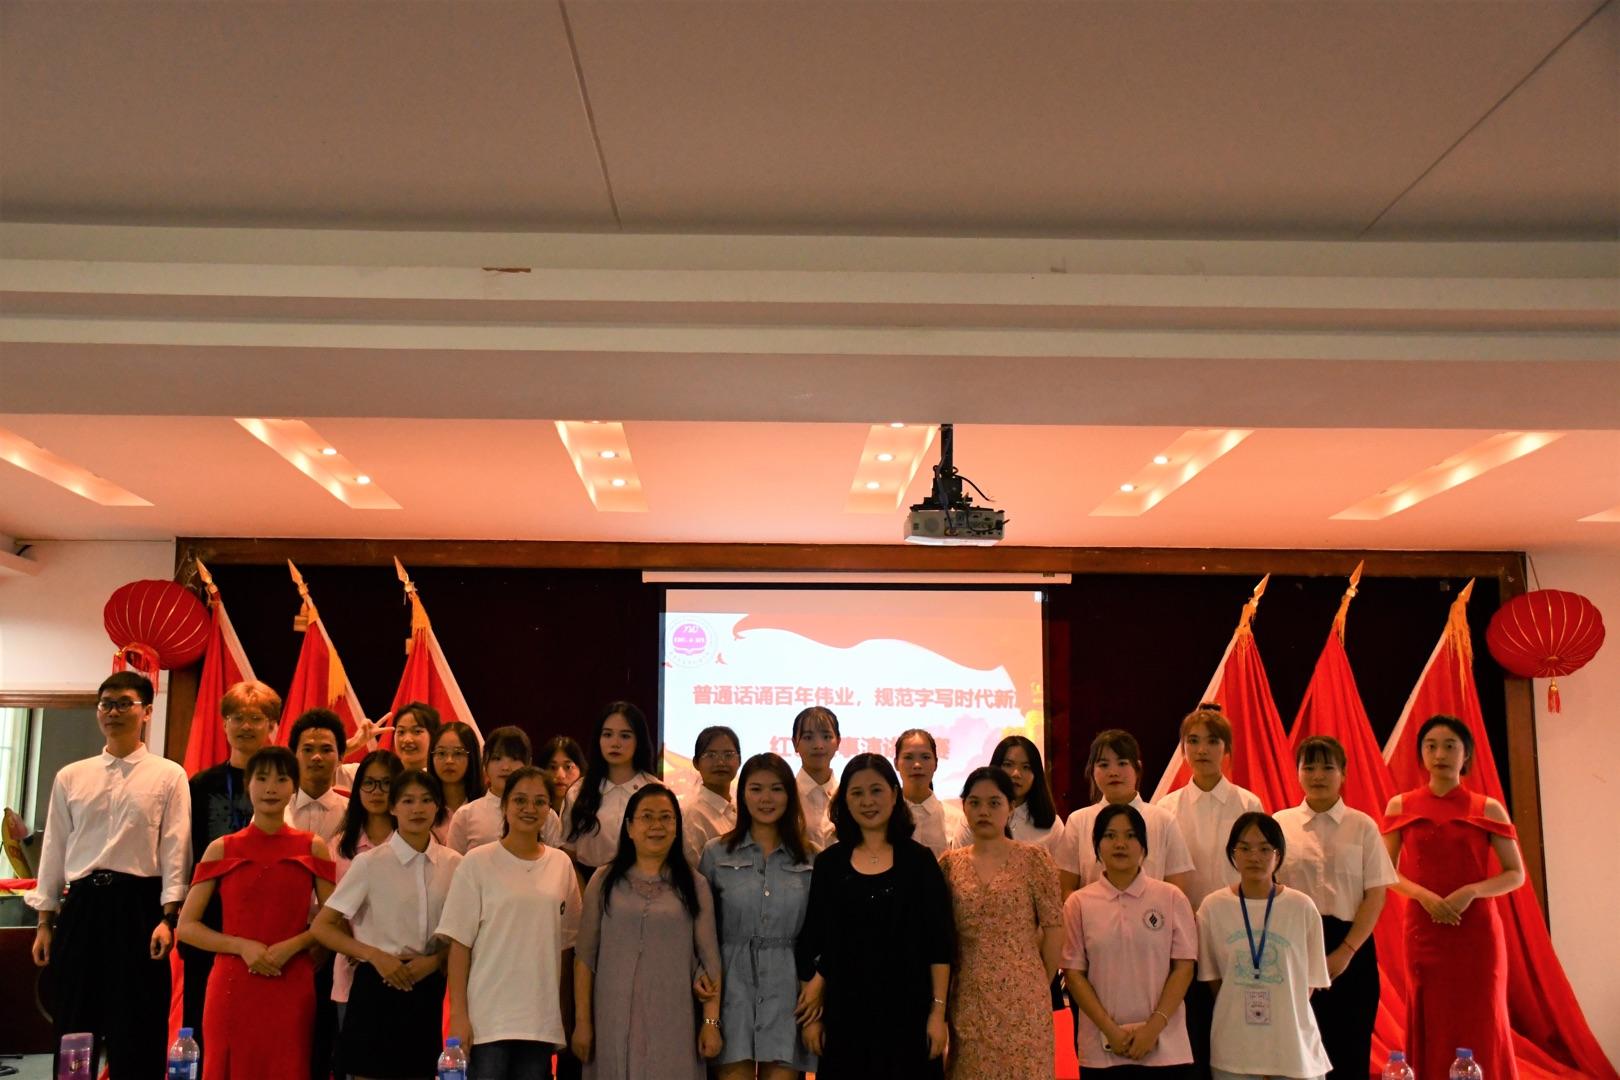 教育与应用外语学院成功举办红色演讲比赛